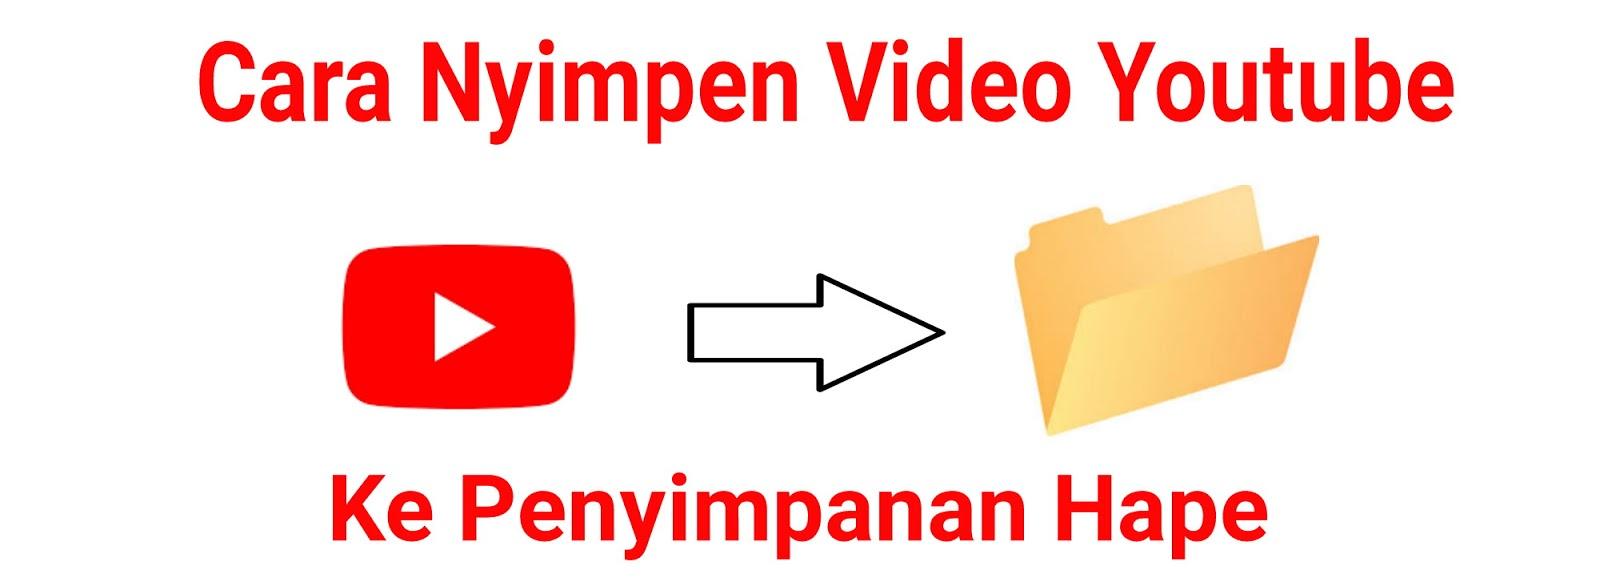 cara mendownload video di youtube langsung ke galeri